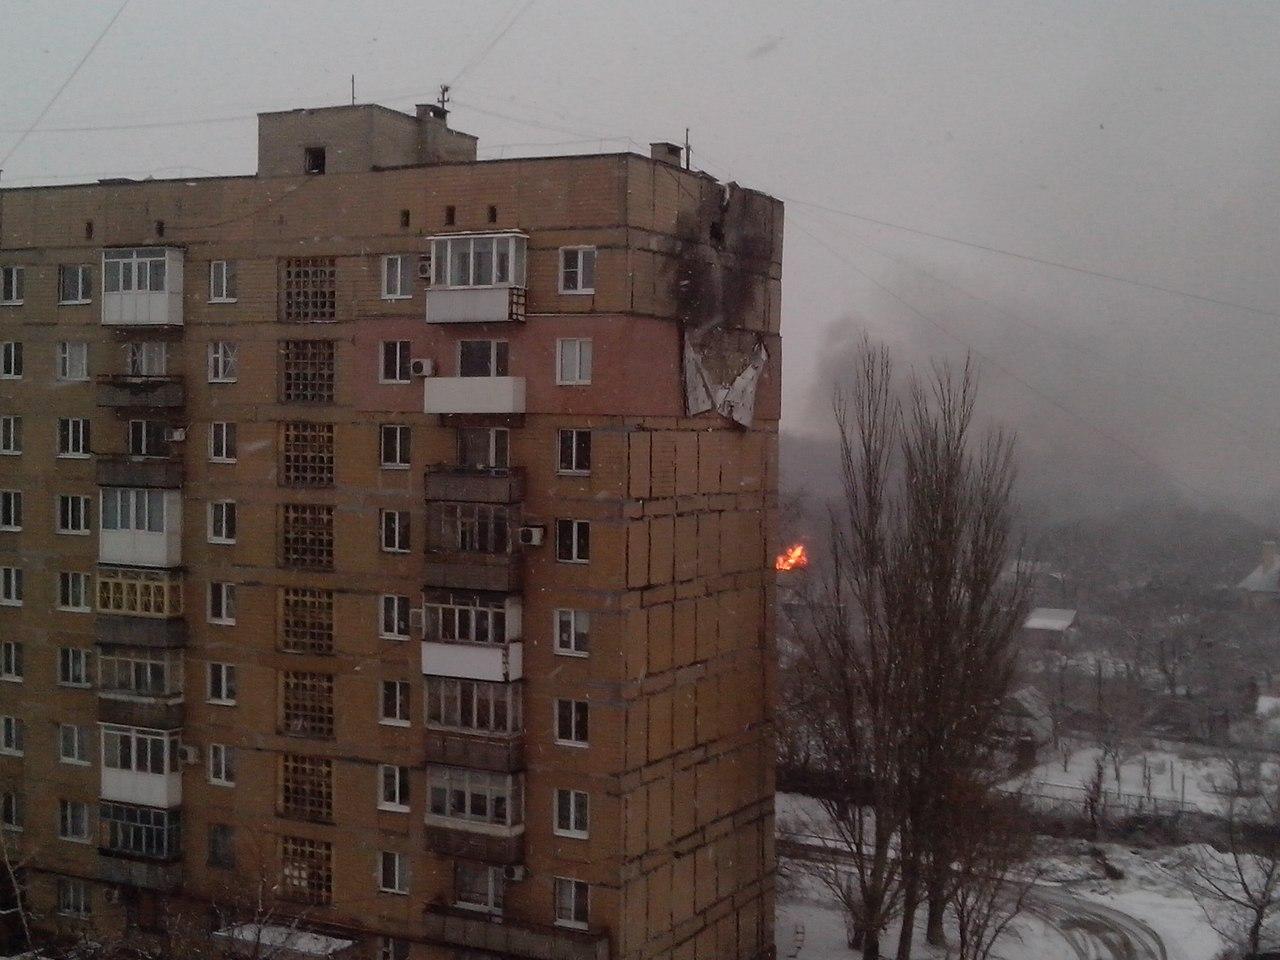 В Донецке микрорайон Текстильщик подвергся очередному обстрелу